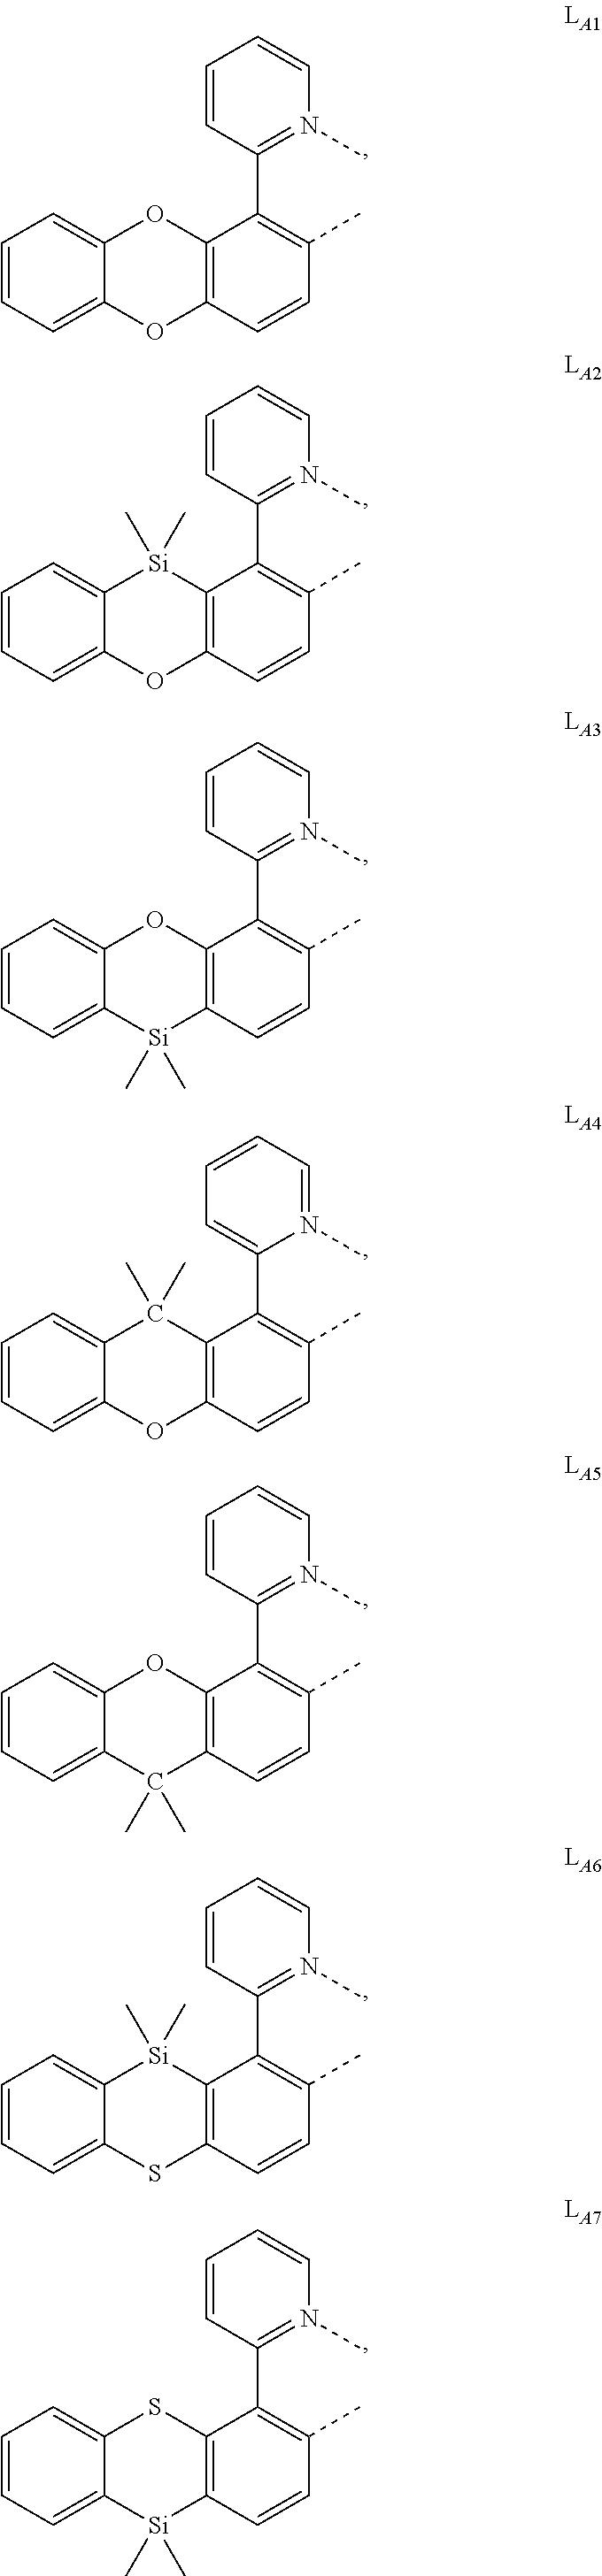 Figure US10153443-20181211-C00008